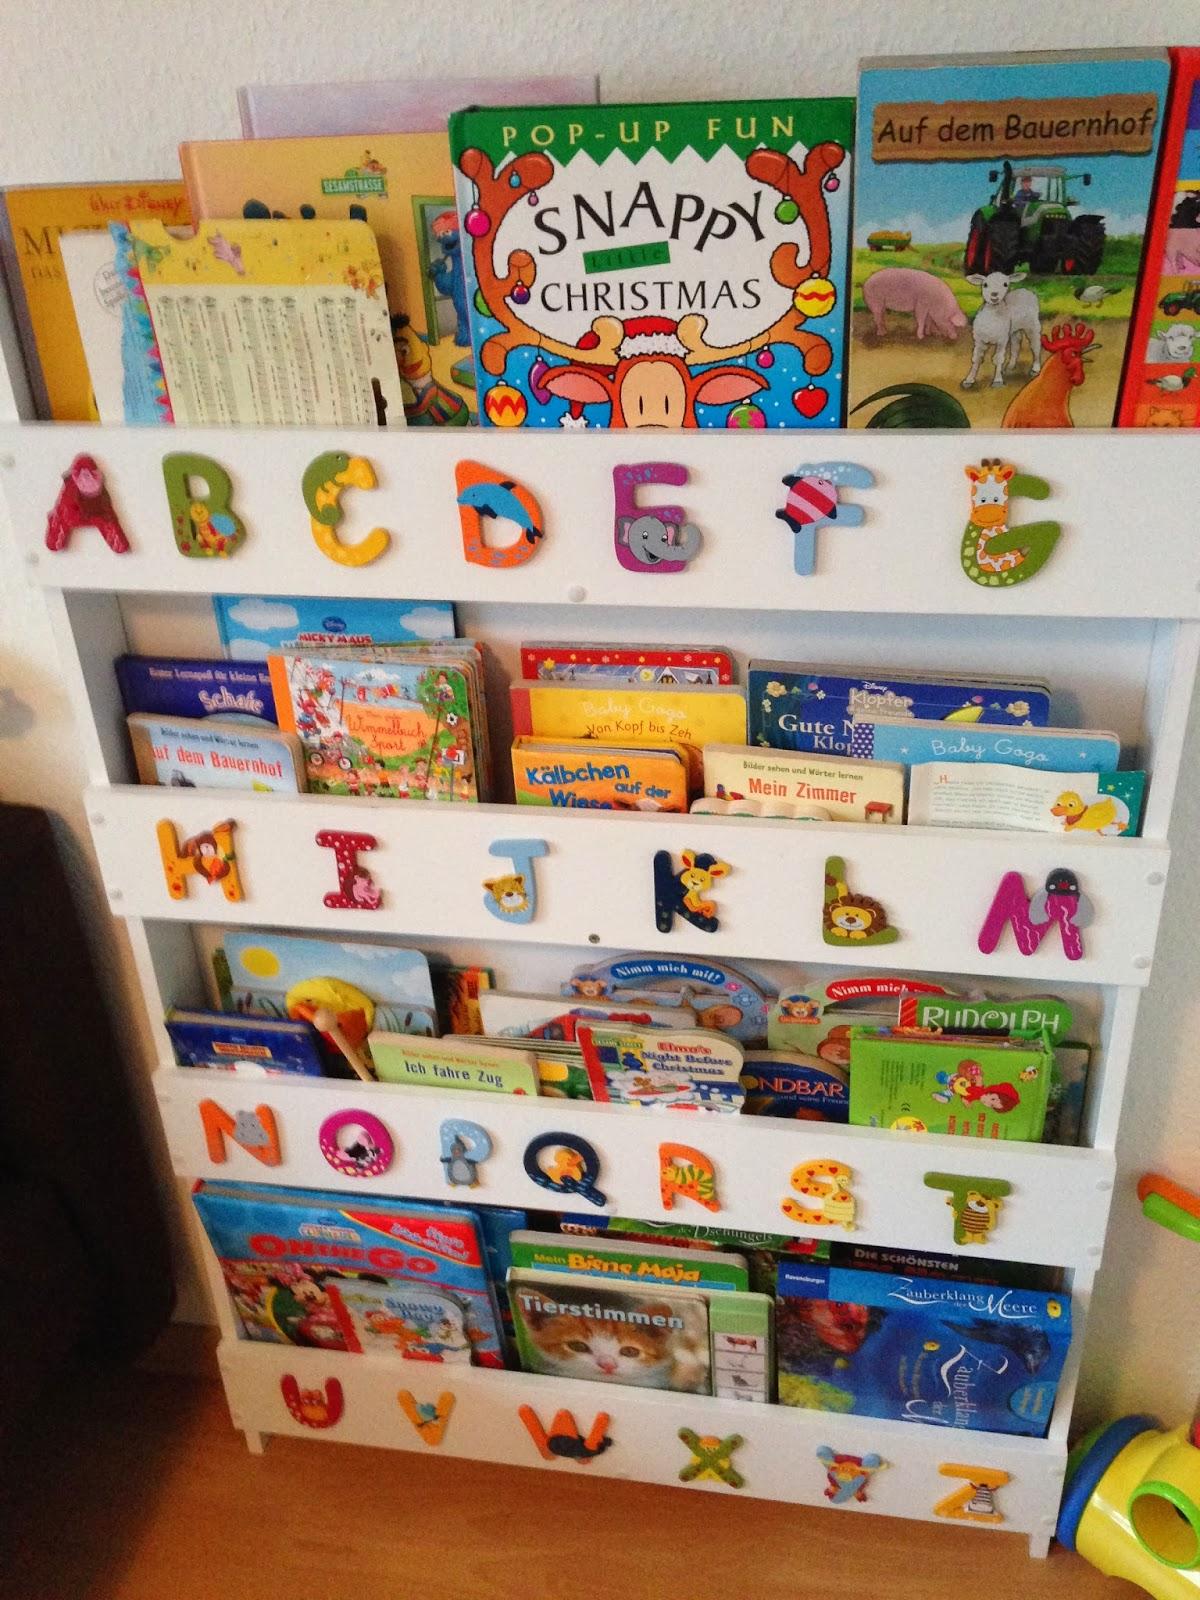 Blogparade zum thema b cher was sind die 5 lieblingsb cher eurer kinder mit kinderaugen - Bucher wandregal kinderzimmer ...